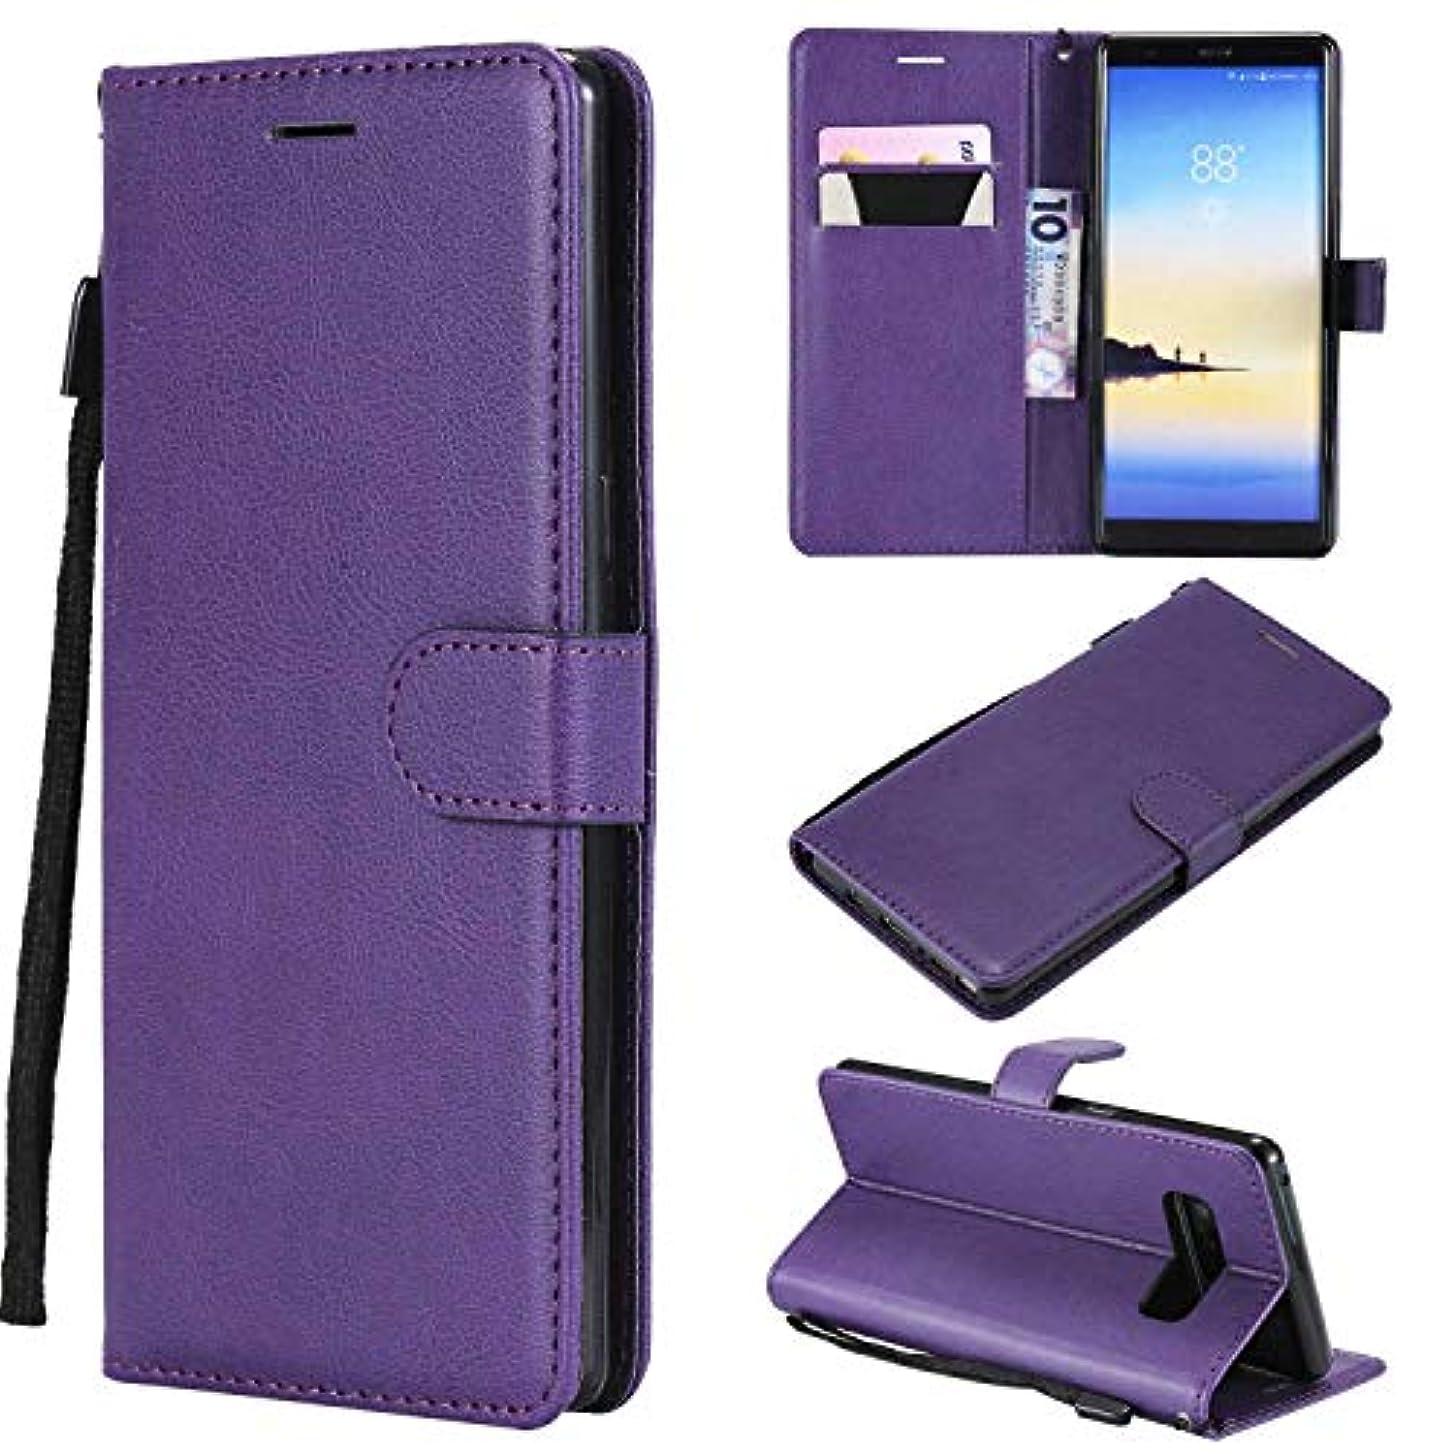 わがまま後世メタリックGalaxy Note 8 ケース手帳型 OMATENTI レザー 革 薄型 手帳型カバー カード入れ スタンド機能 サムスン Galaxy Note 8 おしゃれ 手帳ケース (5-パープル)